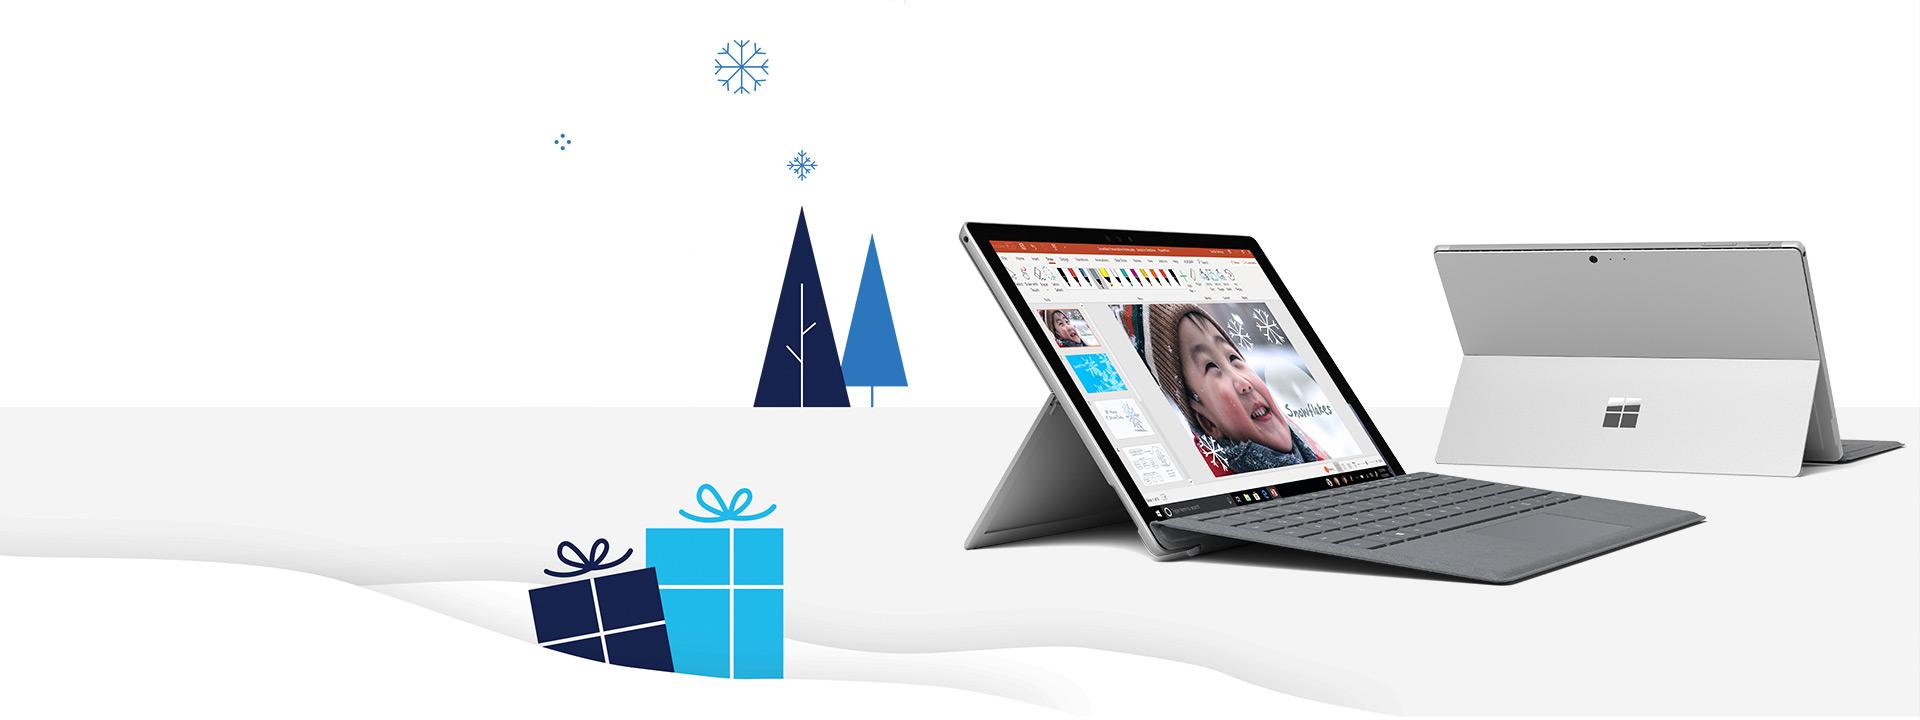 Uusi Surface Pro tuo mahdollisuuksia